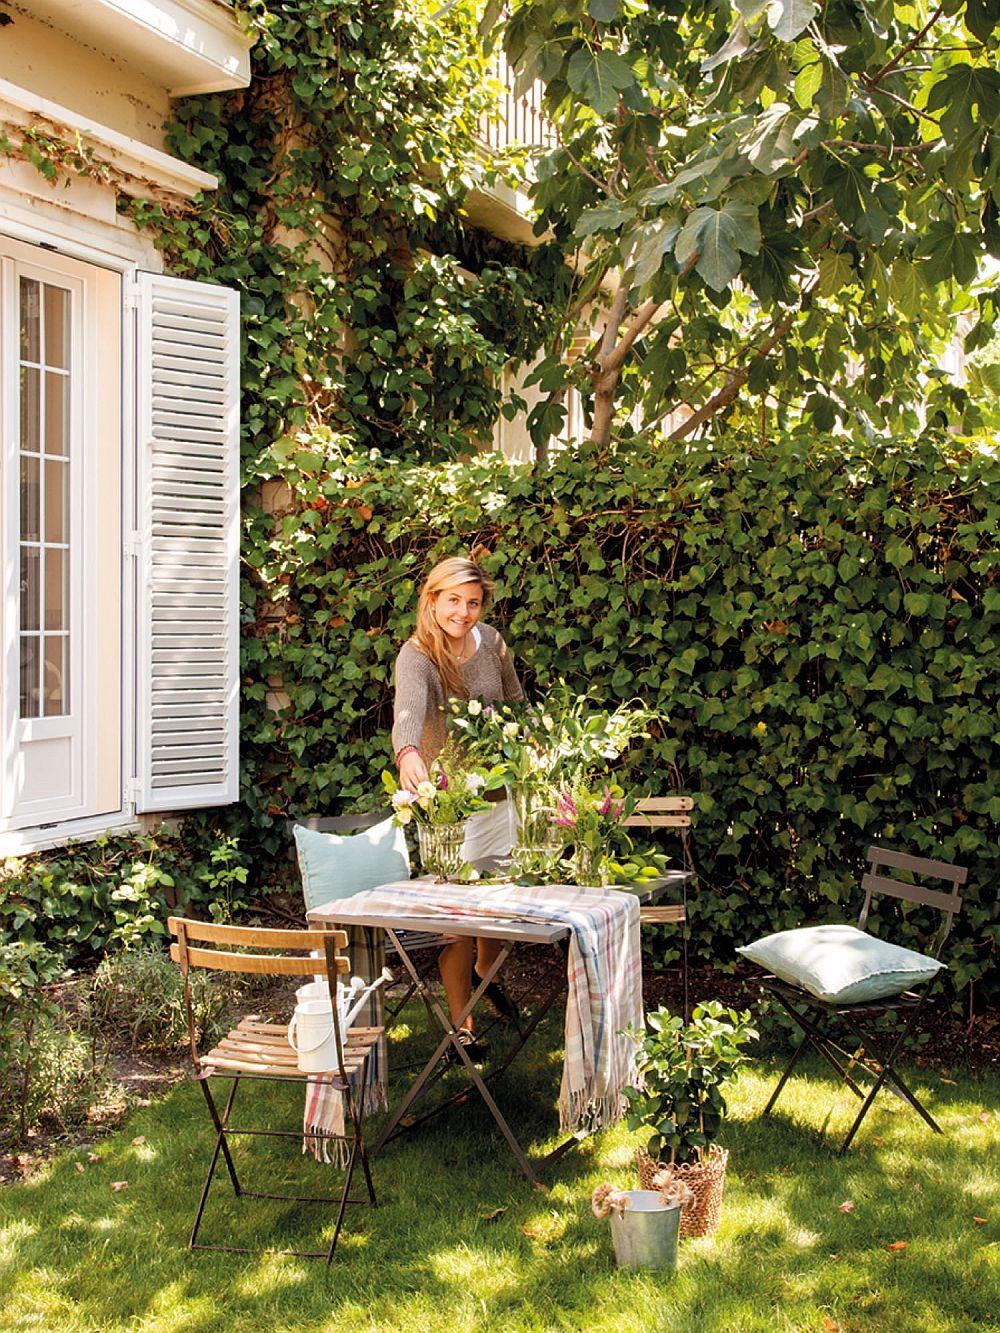 Da, contează pentru confortul locuinței ca aceasta să beneficieze de un spațiu exterior plăcut. Așa că atunci când e să optezi pentru un apartament, contează să te orientezi către numprul ferestrelor acestuia, dar și zone precum o curte mică sau o terasă plăcută.